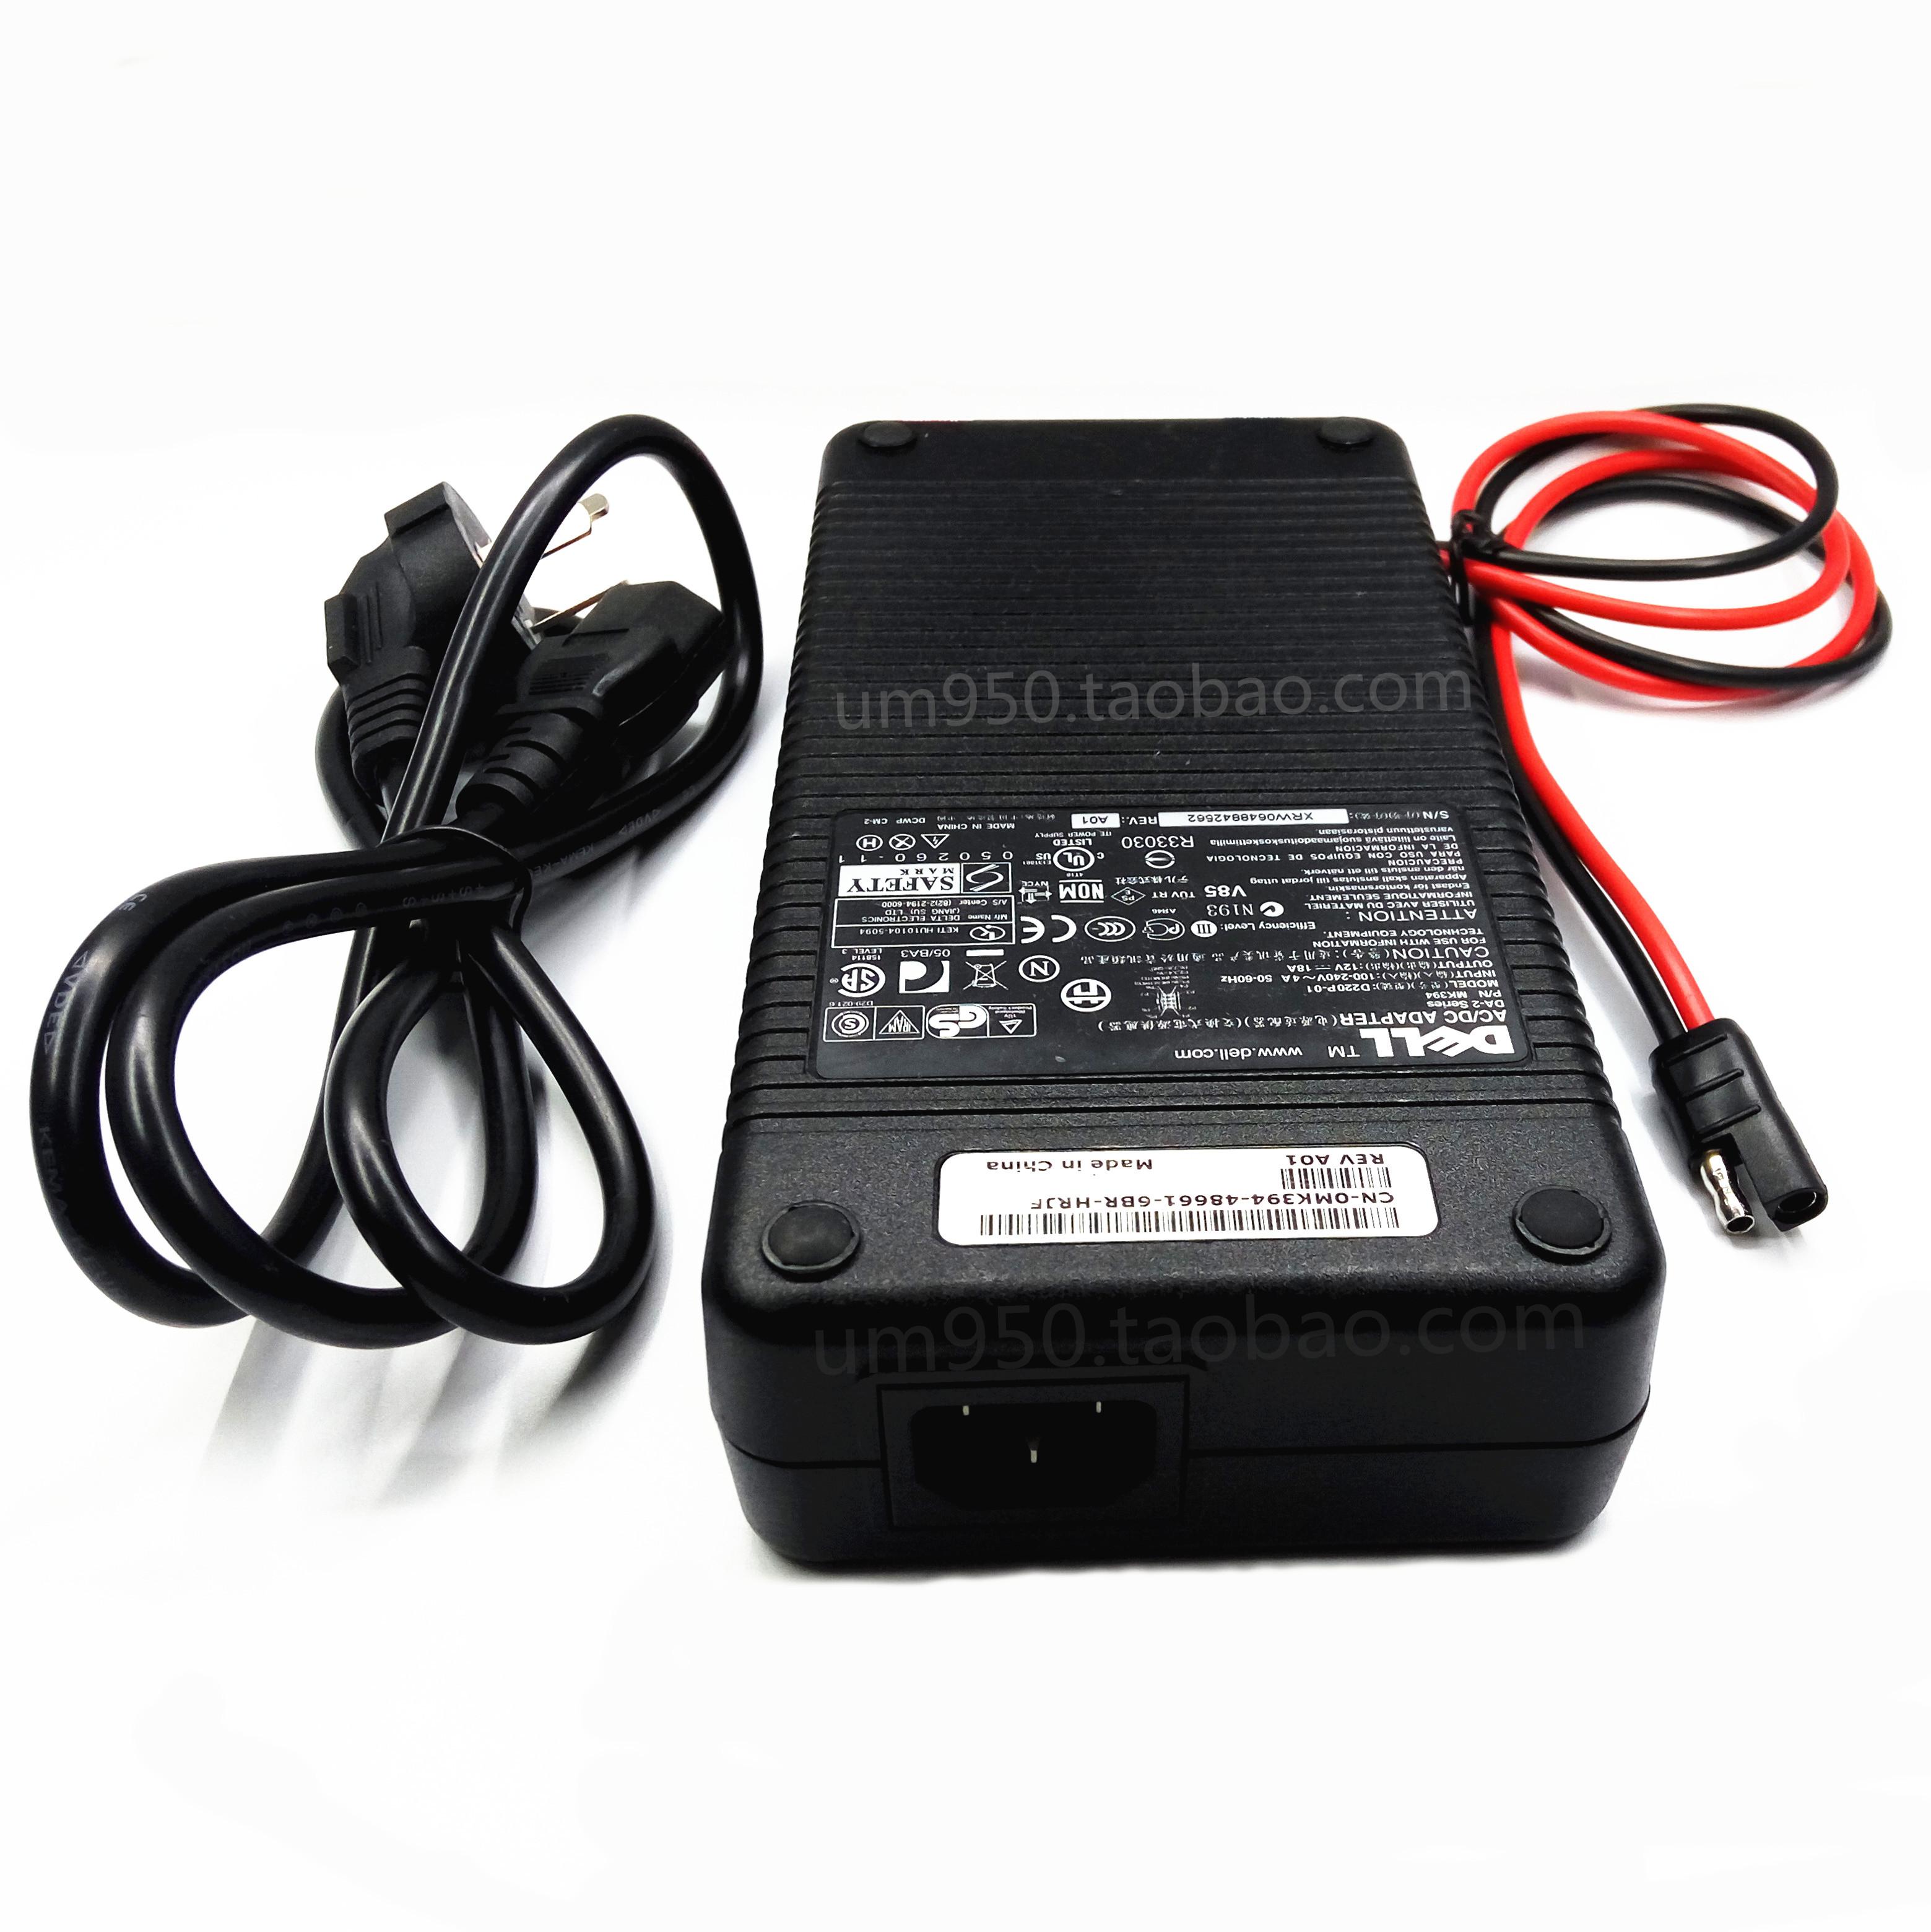 对讲机电台用 18A 12V 转 220V 车载电器变家用电源转换浆压适配器